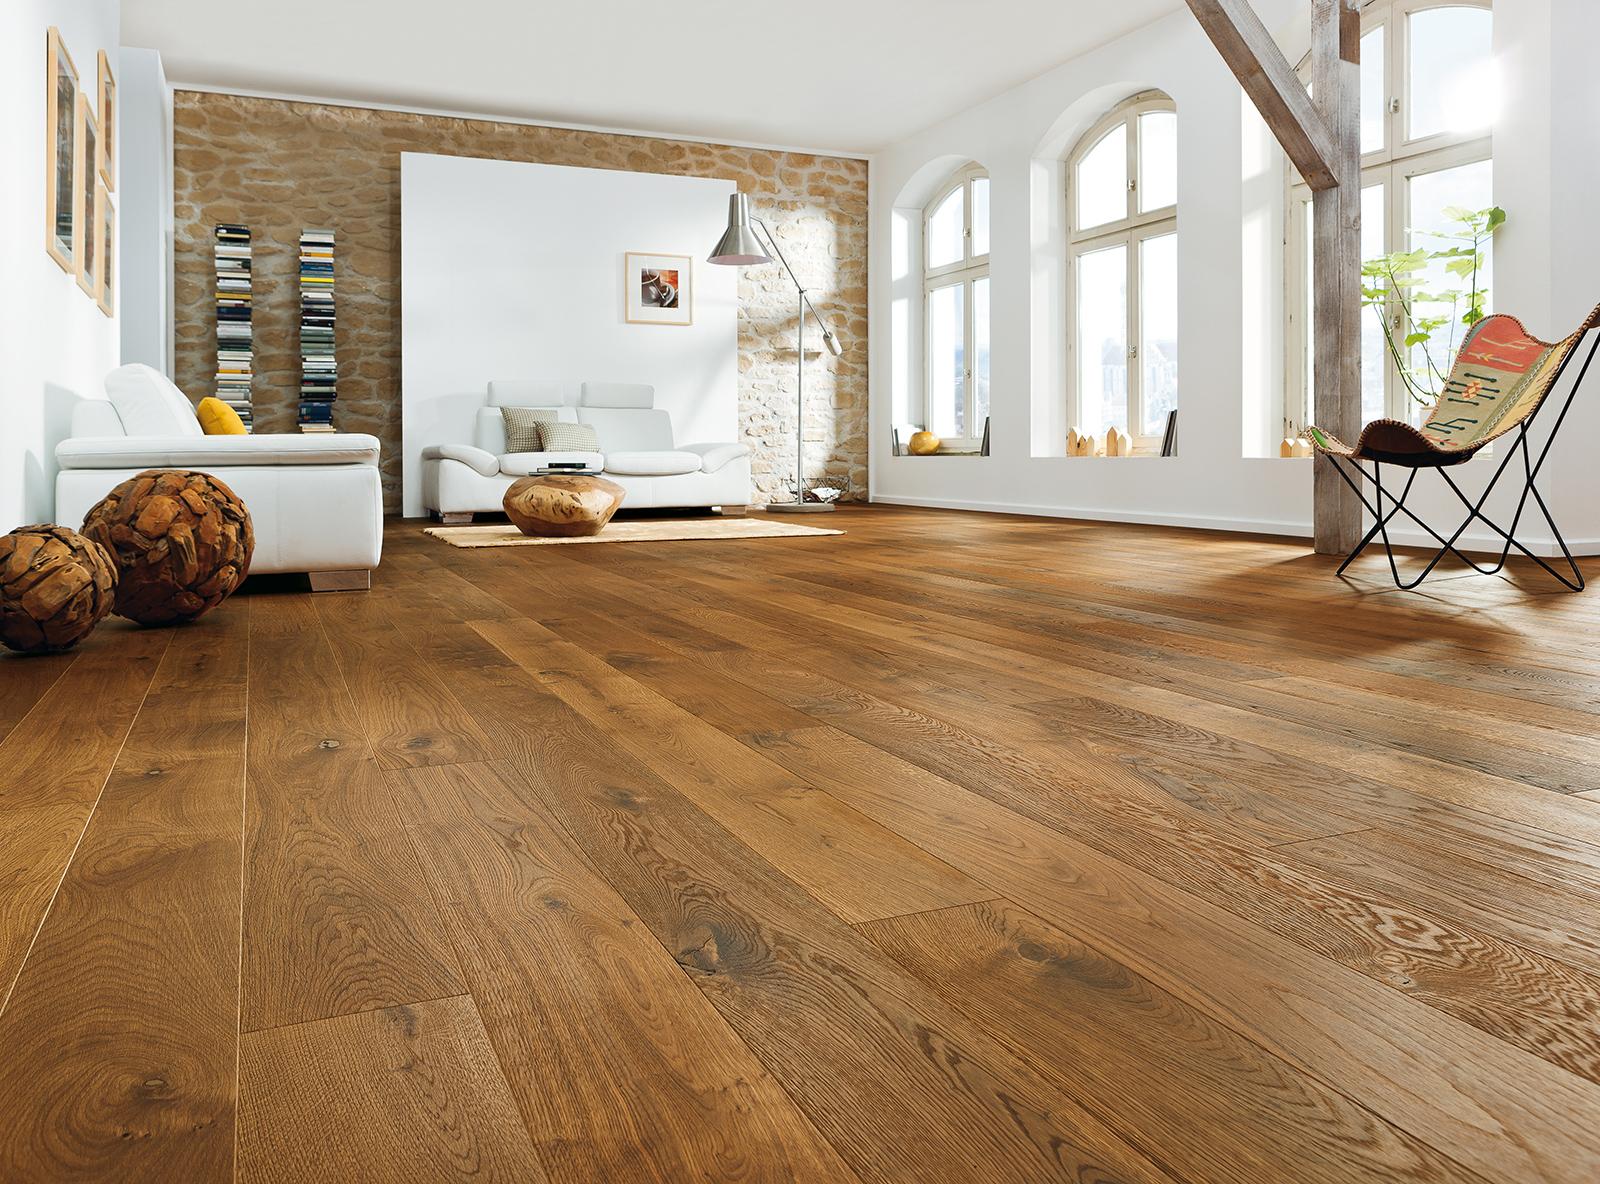 Fußboden Modernisieren ~ Bodenbeläge schönreiter baustoffe bauen modernisieren